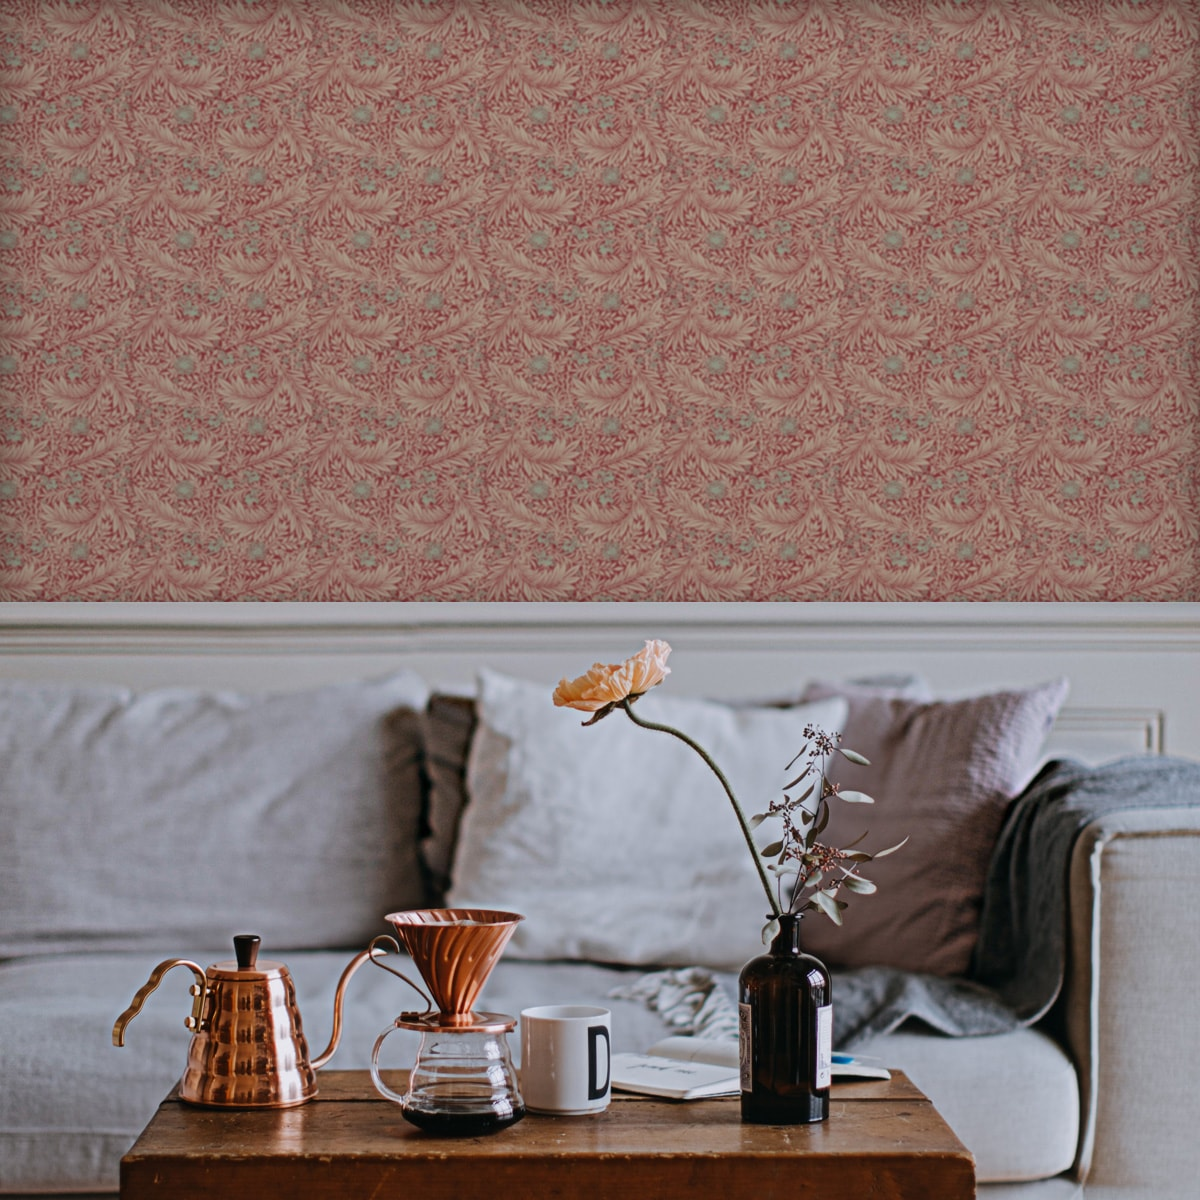 """Vintage Jugendstil Tapete """"Délice florale"""" nach William Morris, rote Vliestapete, kleiner Rapport Ornamenttapete für Küche"""